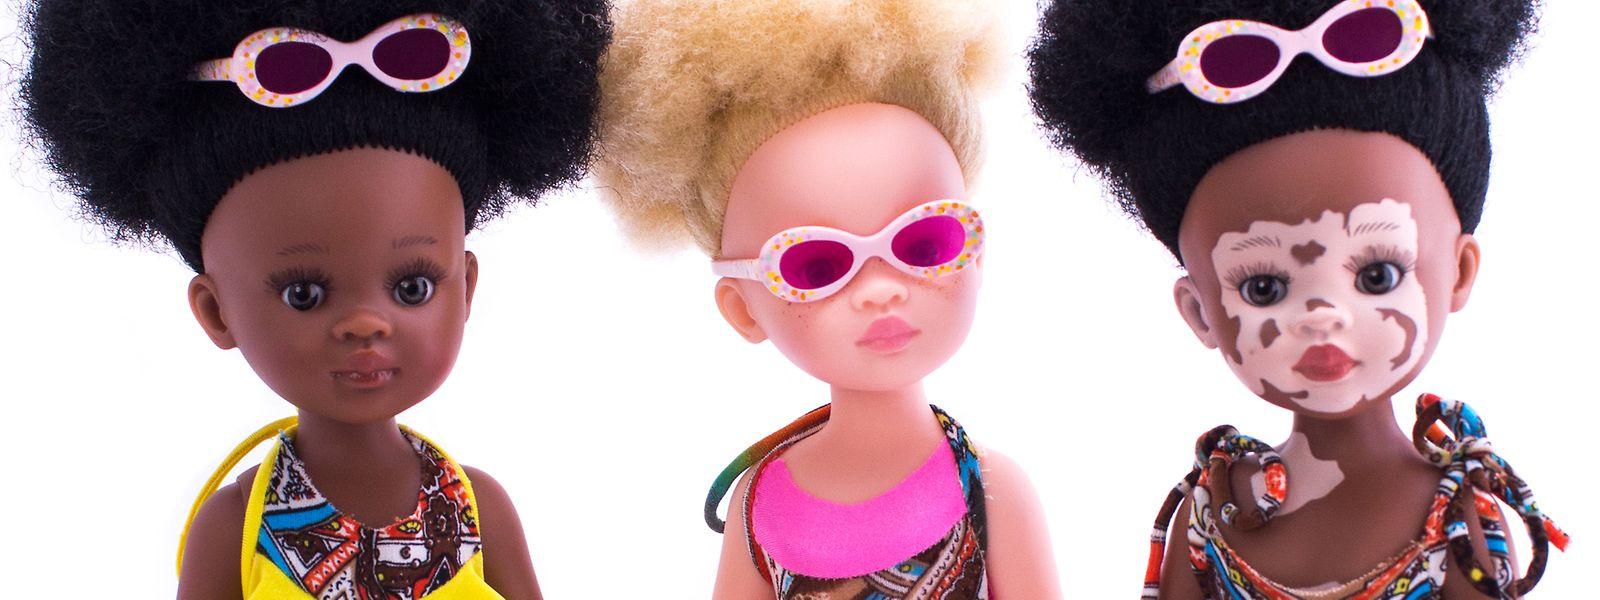 Drei Puppen aus der Sibahle Collection: eine Puppe mit Afrohaaren, eine Puppe mit Albinismus und eine Puppe mit Vitiligo.